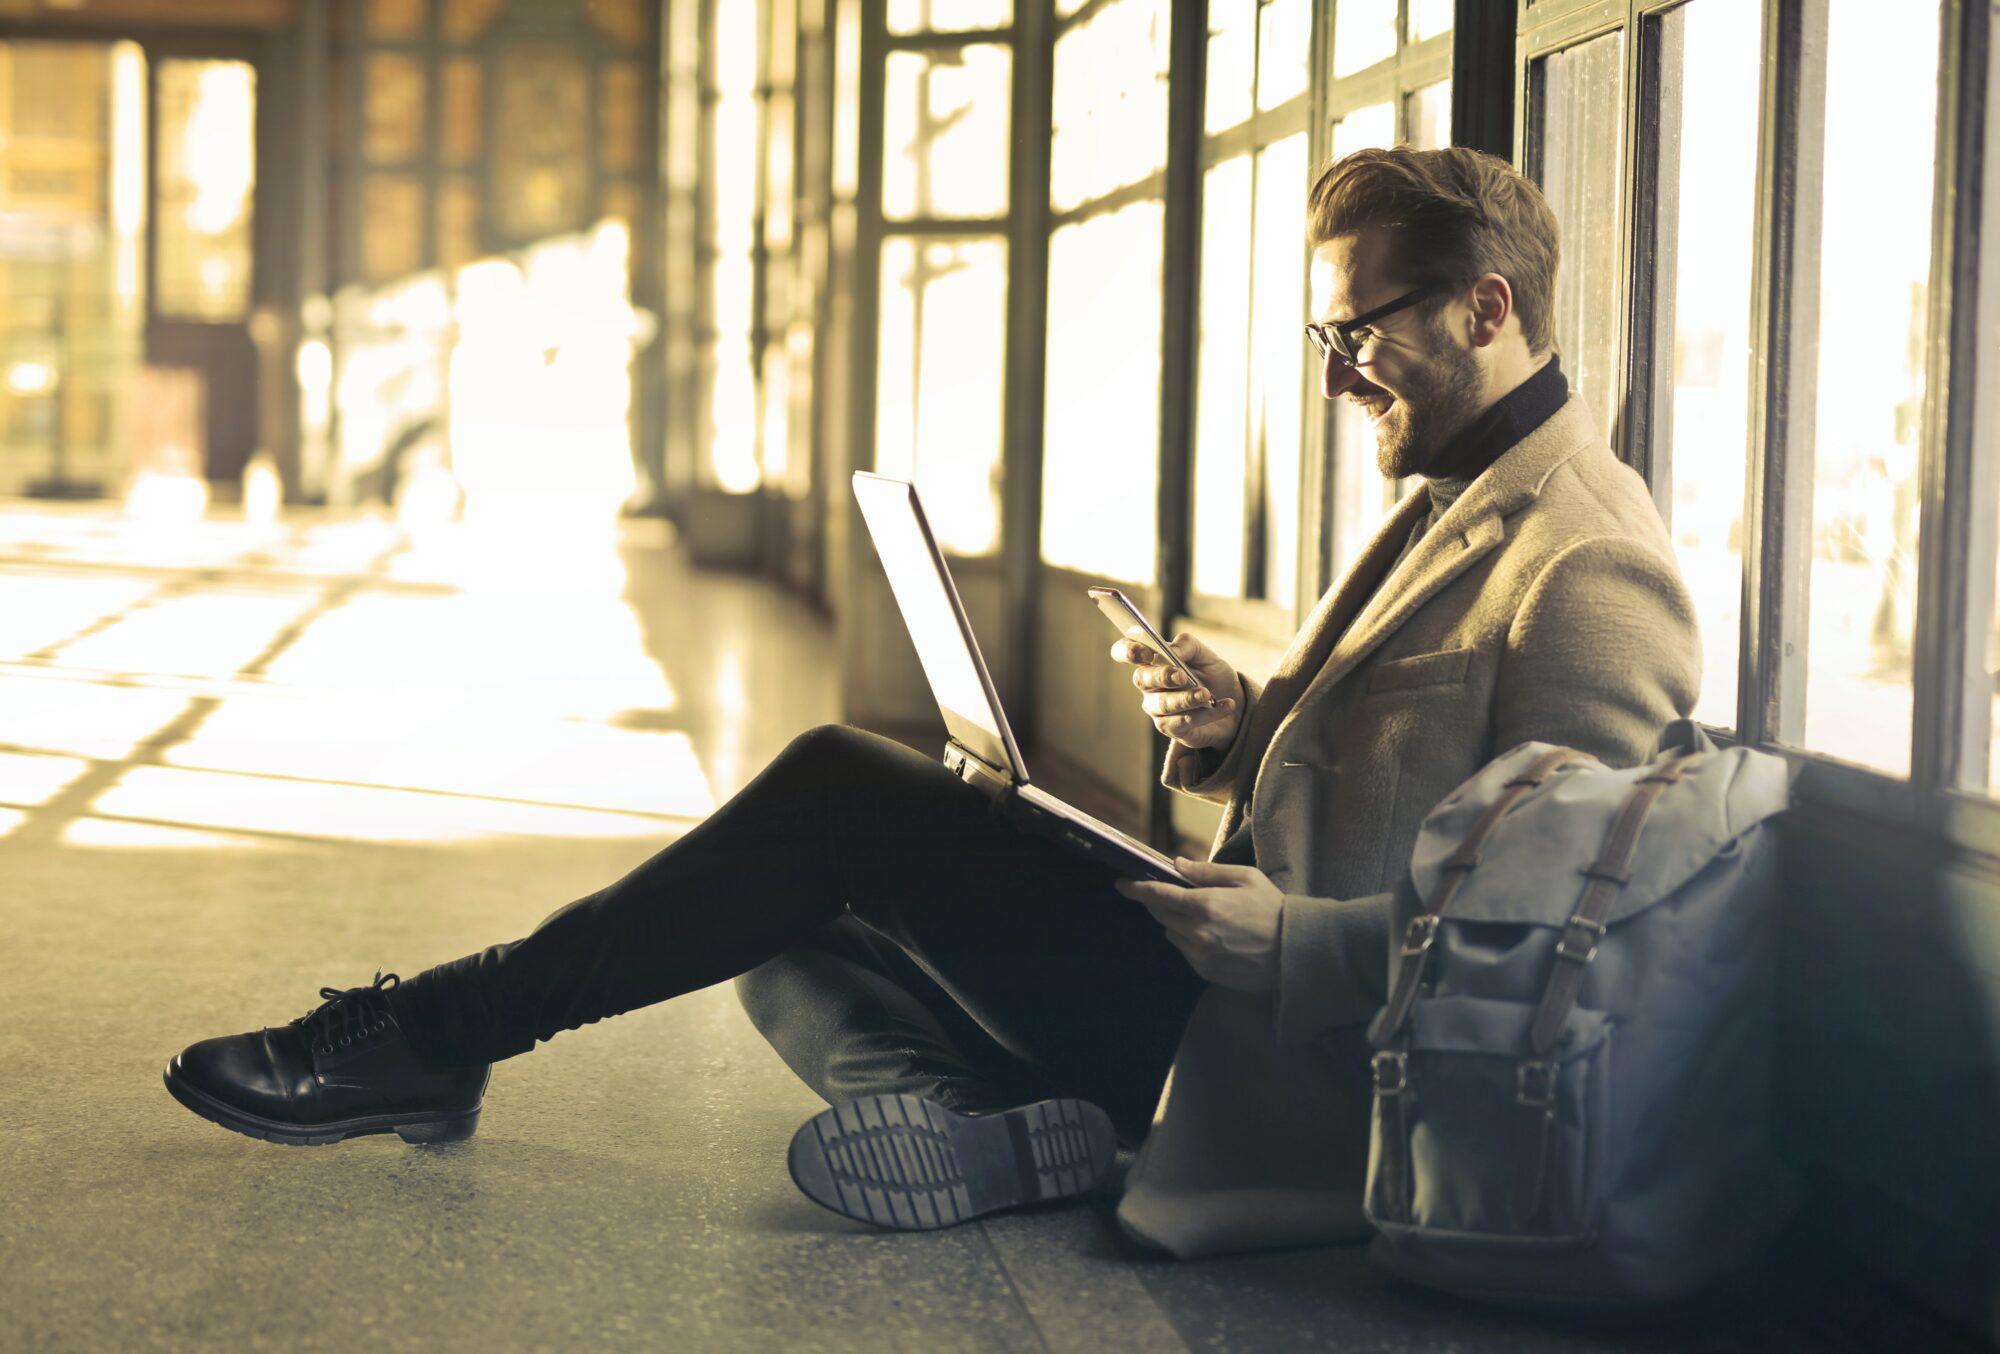 Mann sitzt mit Laptop am Boden